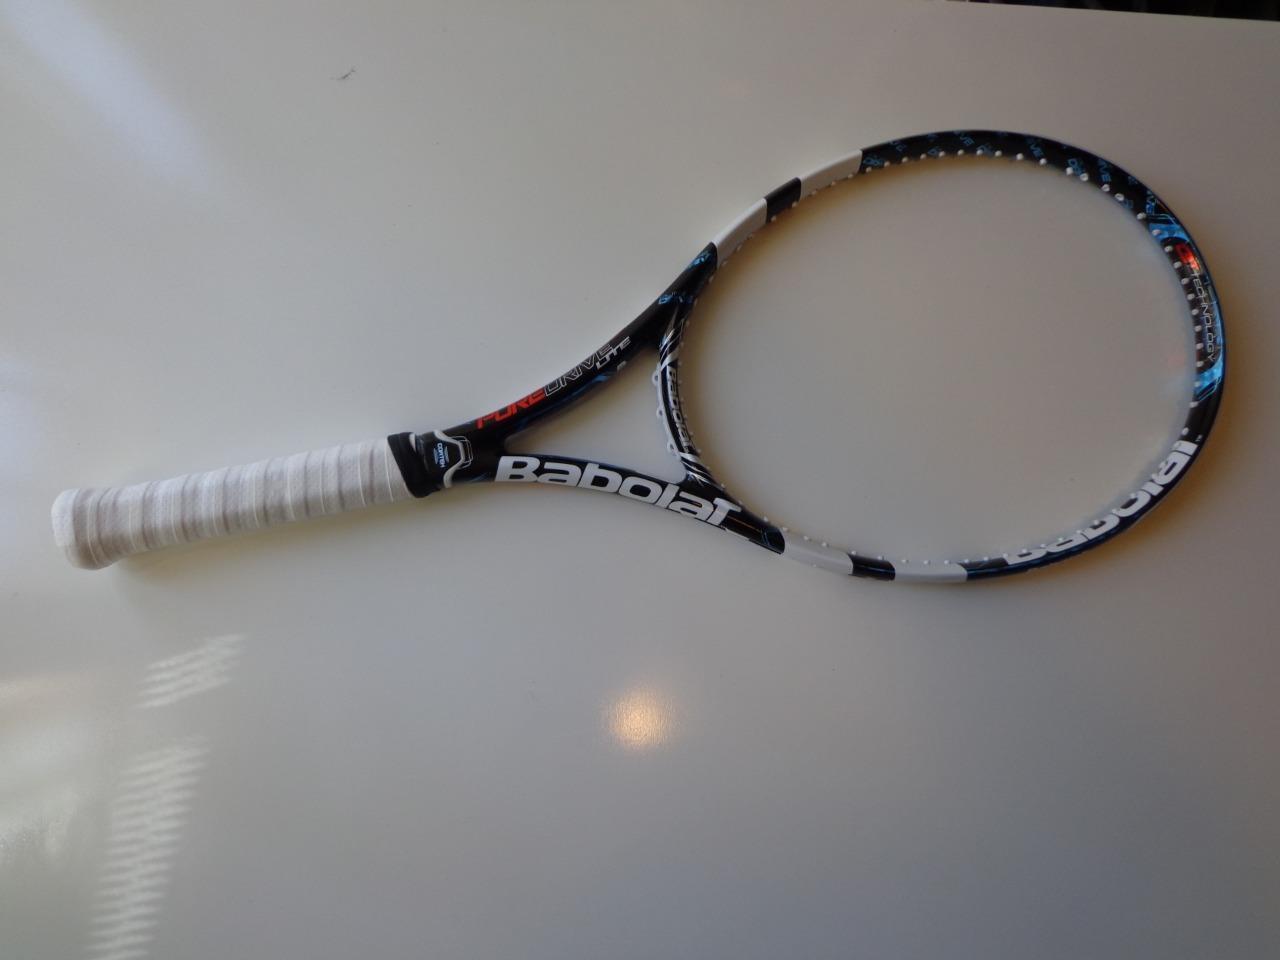 Babolat Pure Unidad Lite 100 cabeza 2012-2013 4  1 8 Grip Tenis Raqueta  venta con descuento